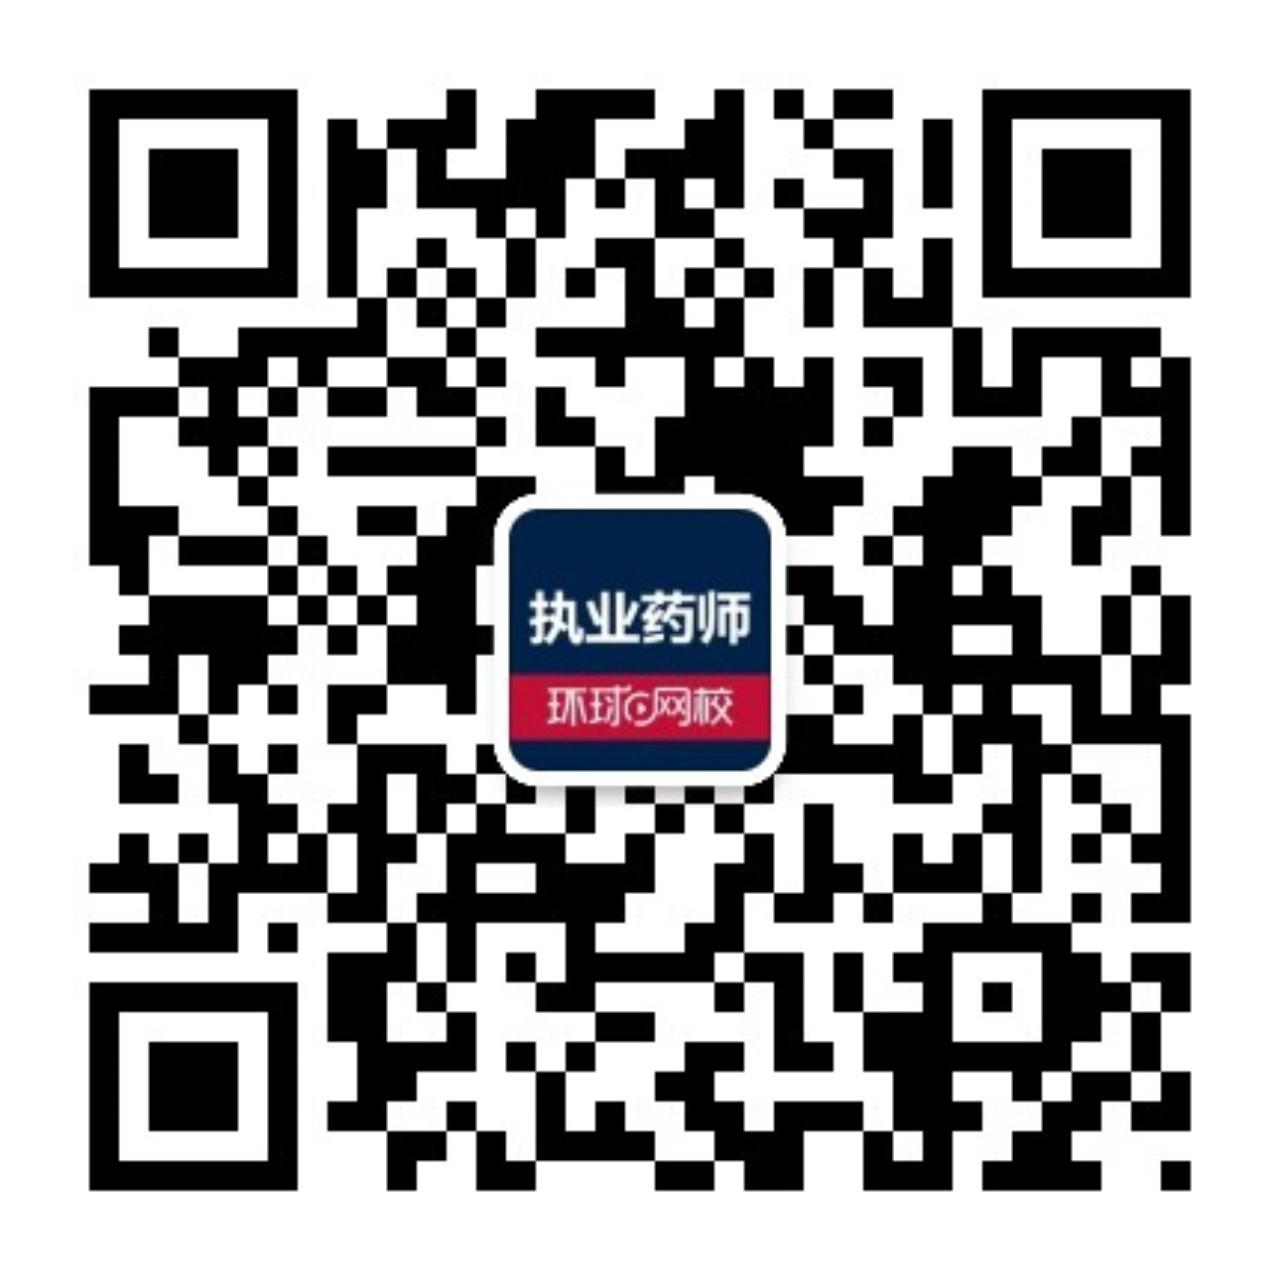 环球网校执业药师考试微信公众号